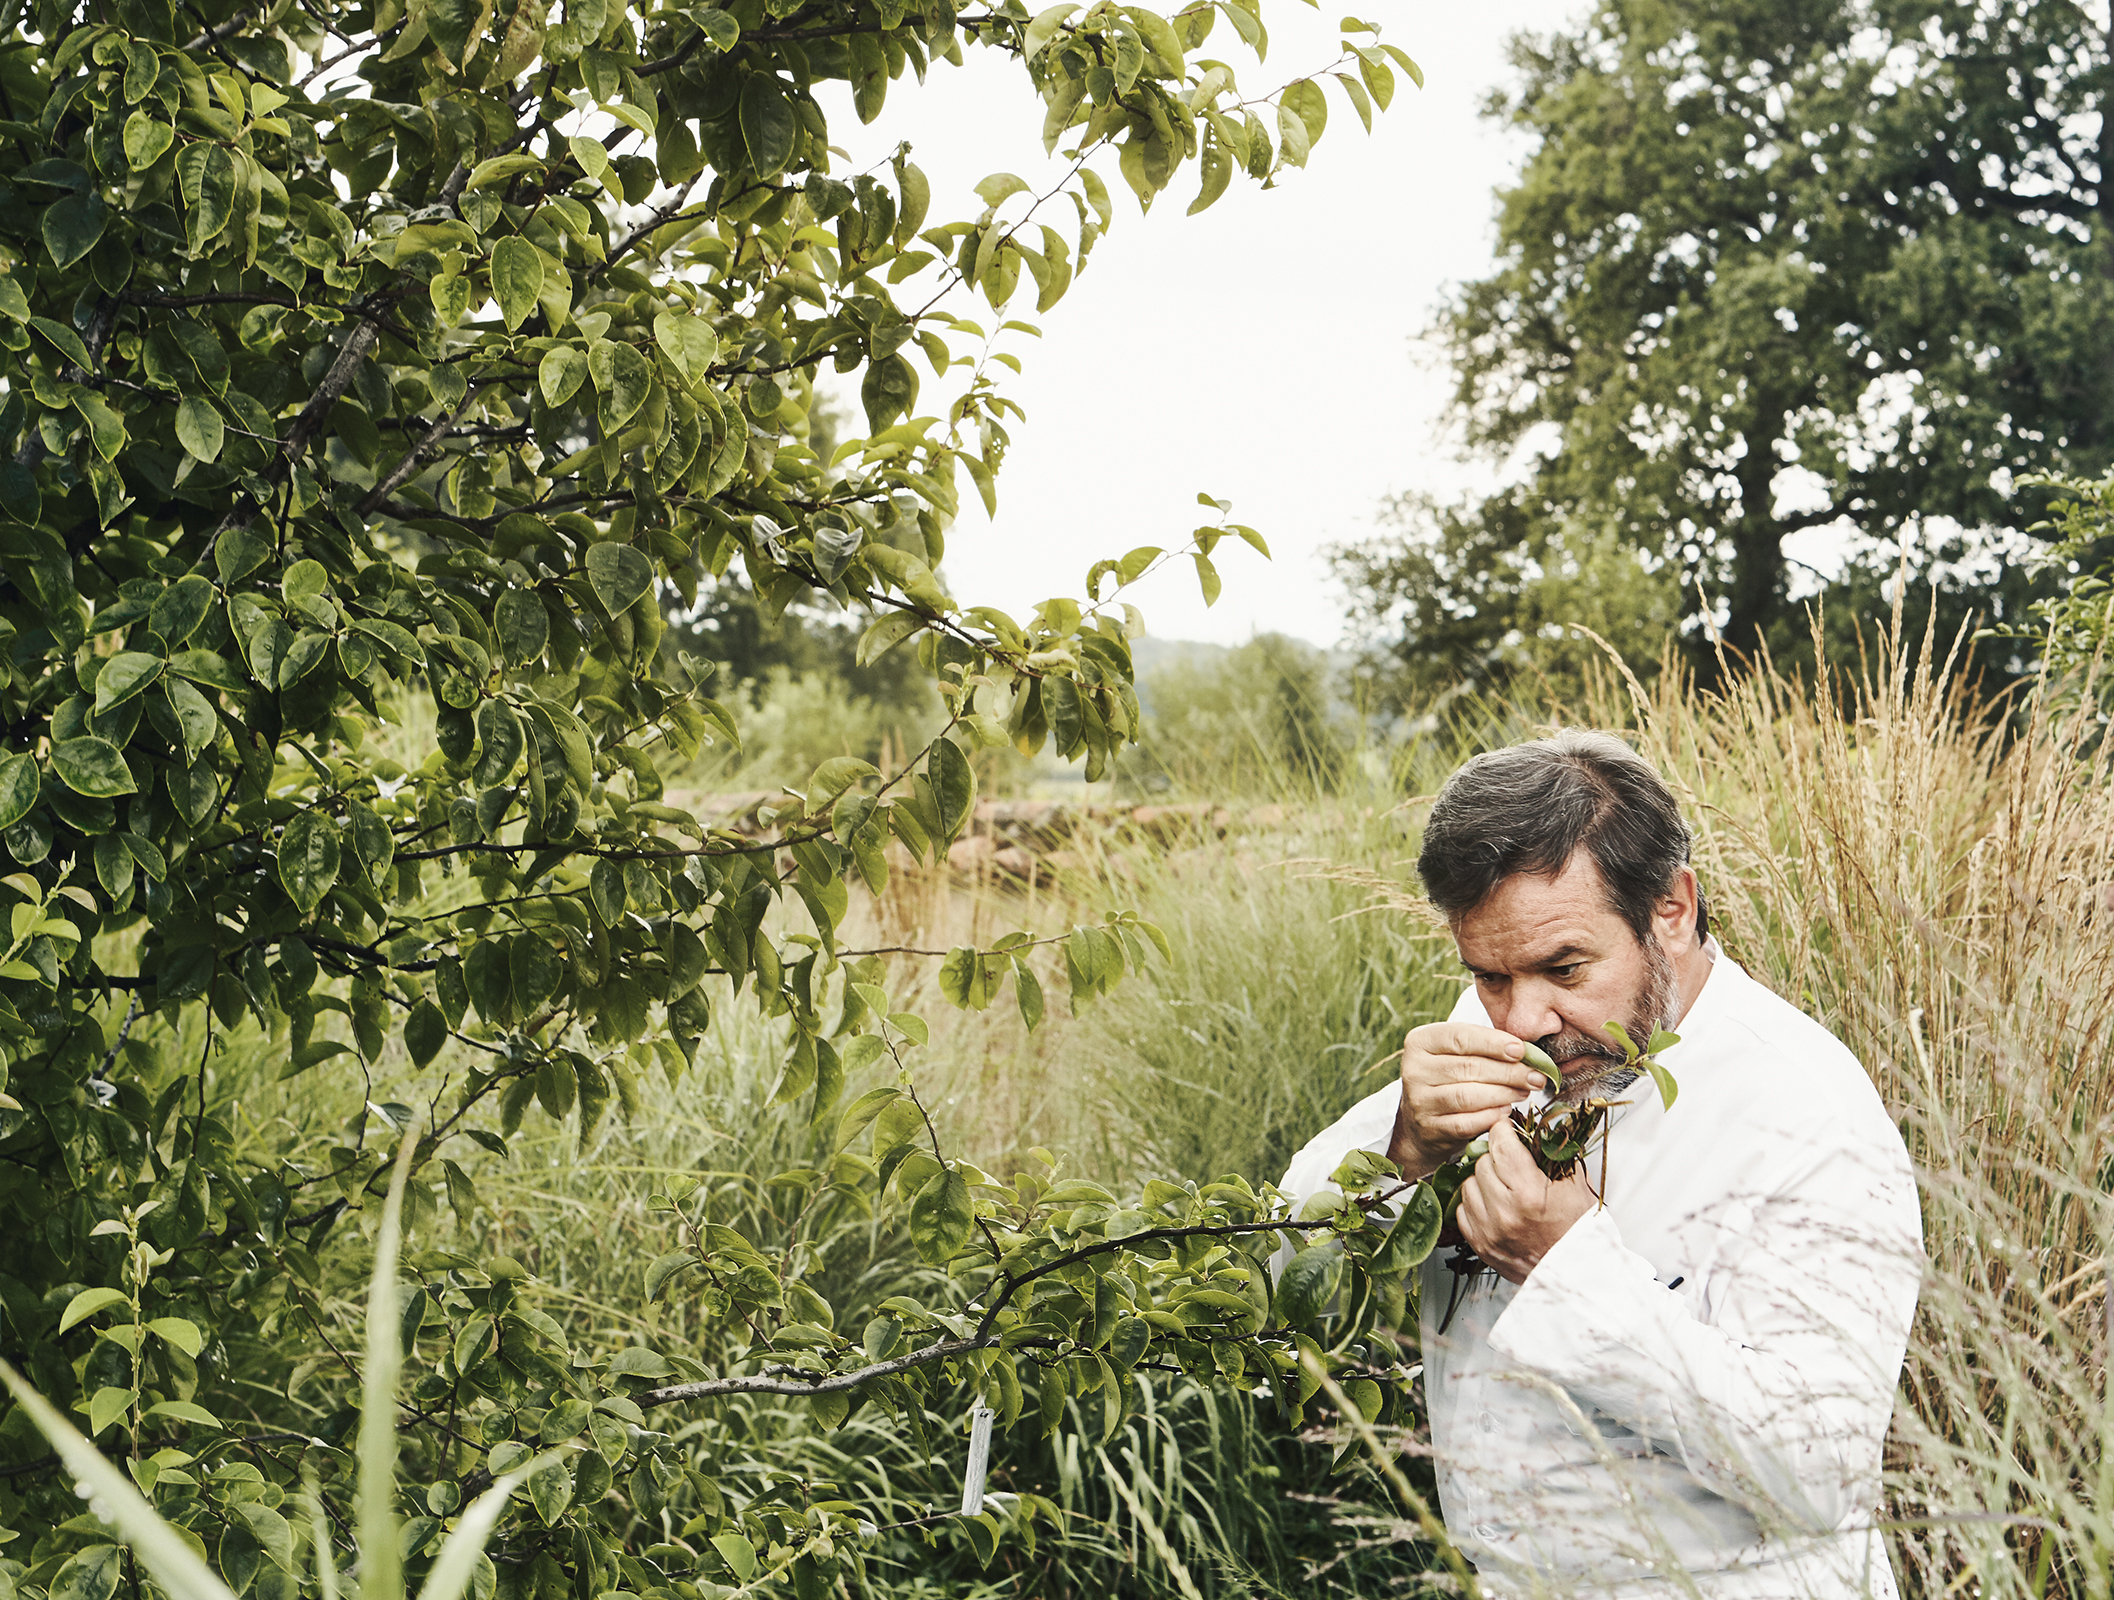 Michel Troisgros wanders in the front garden